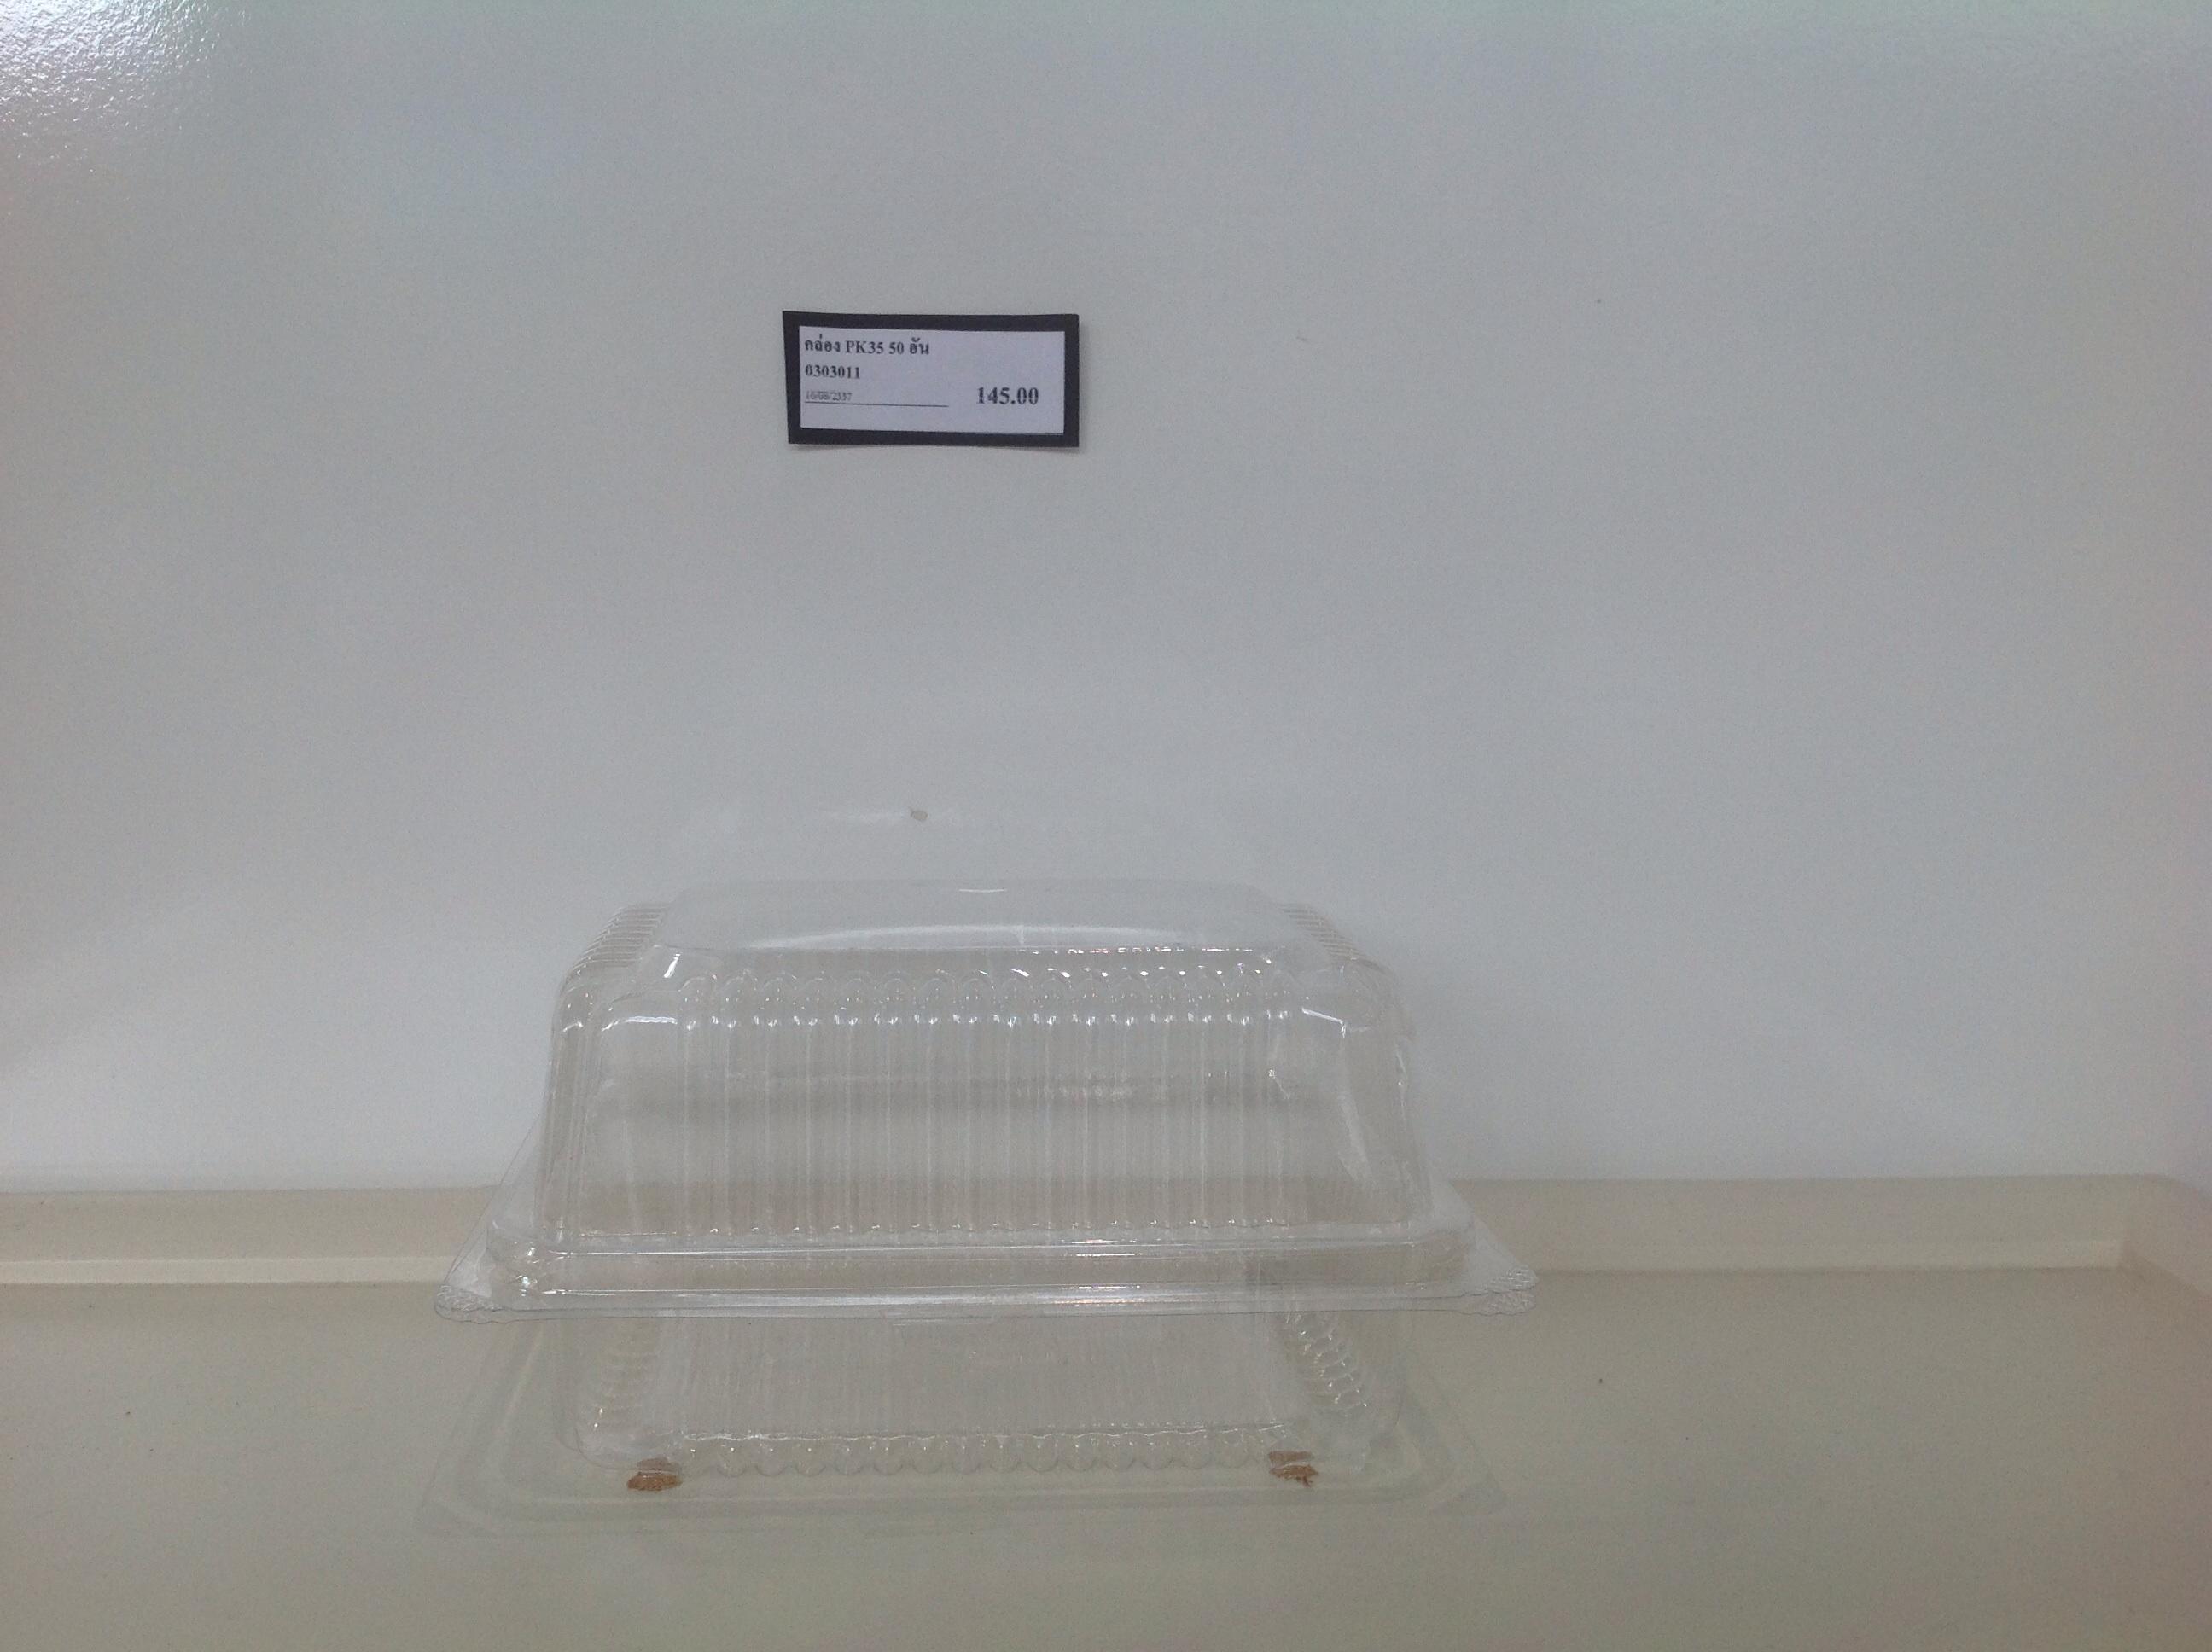 กล่อง PK35 (1 * 50 ) กว้าง 8 ซม. ยาว 11 ซม. สูง 6 ซม.